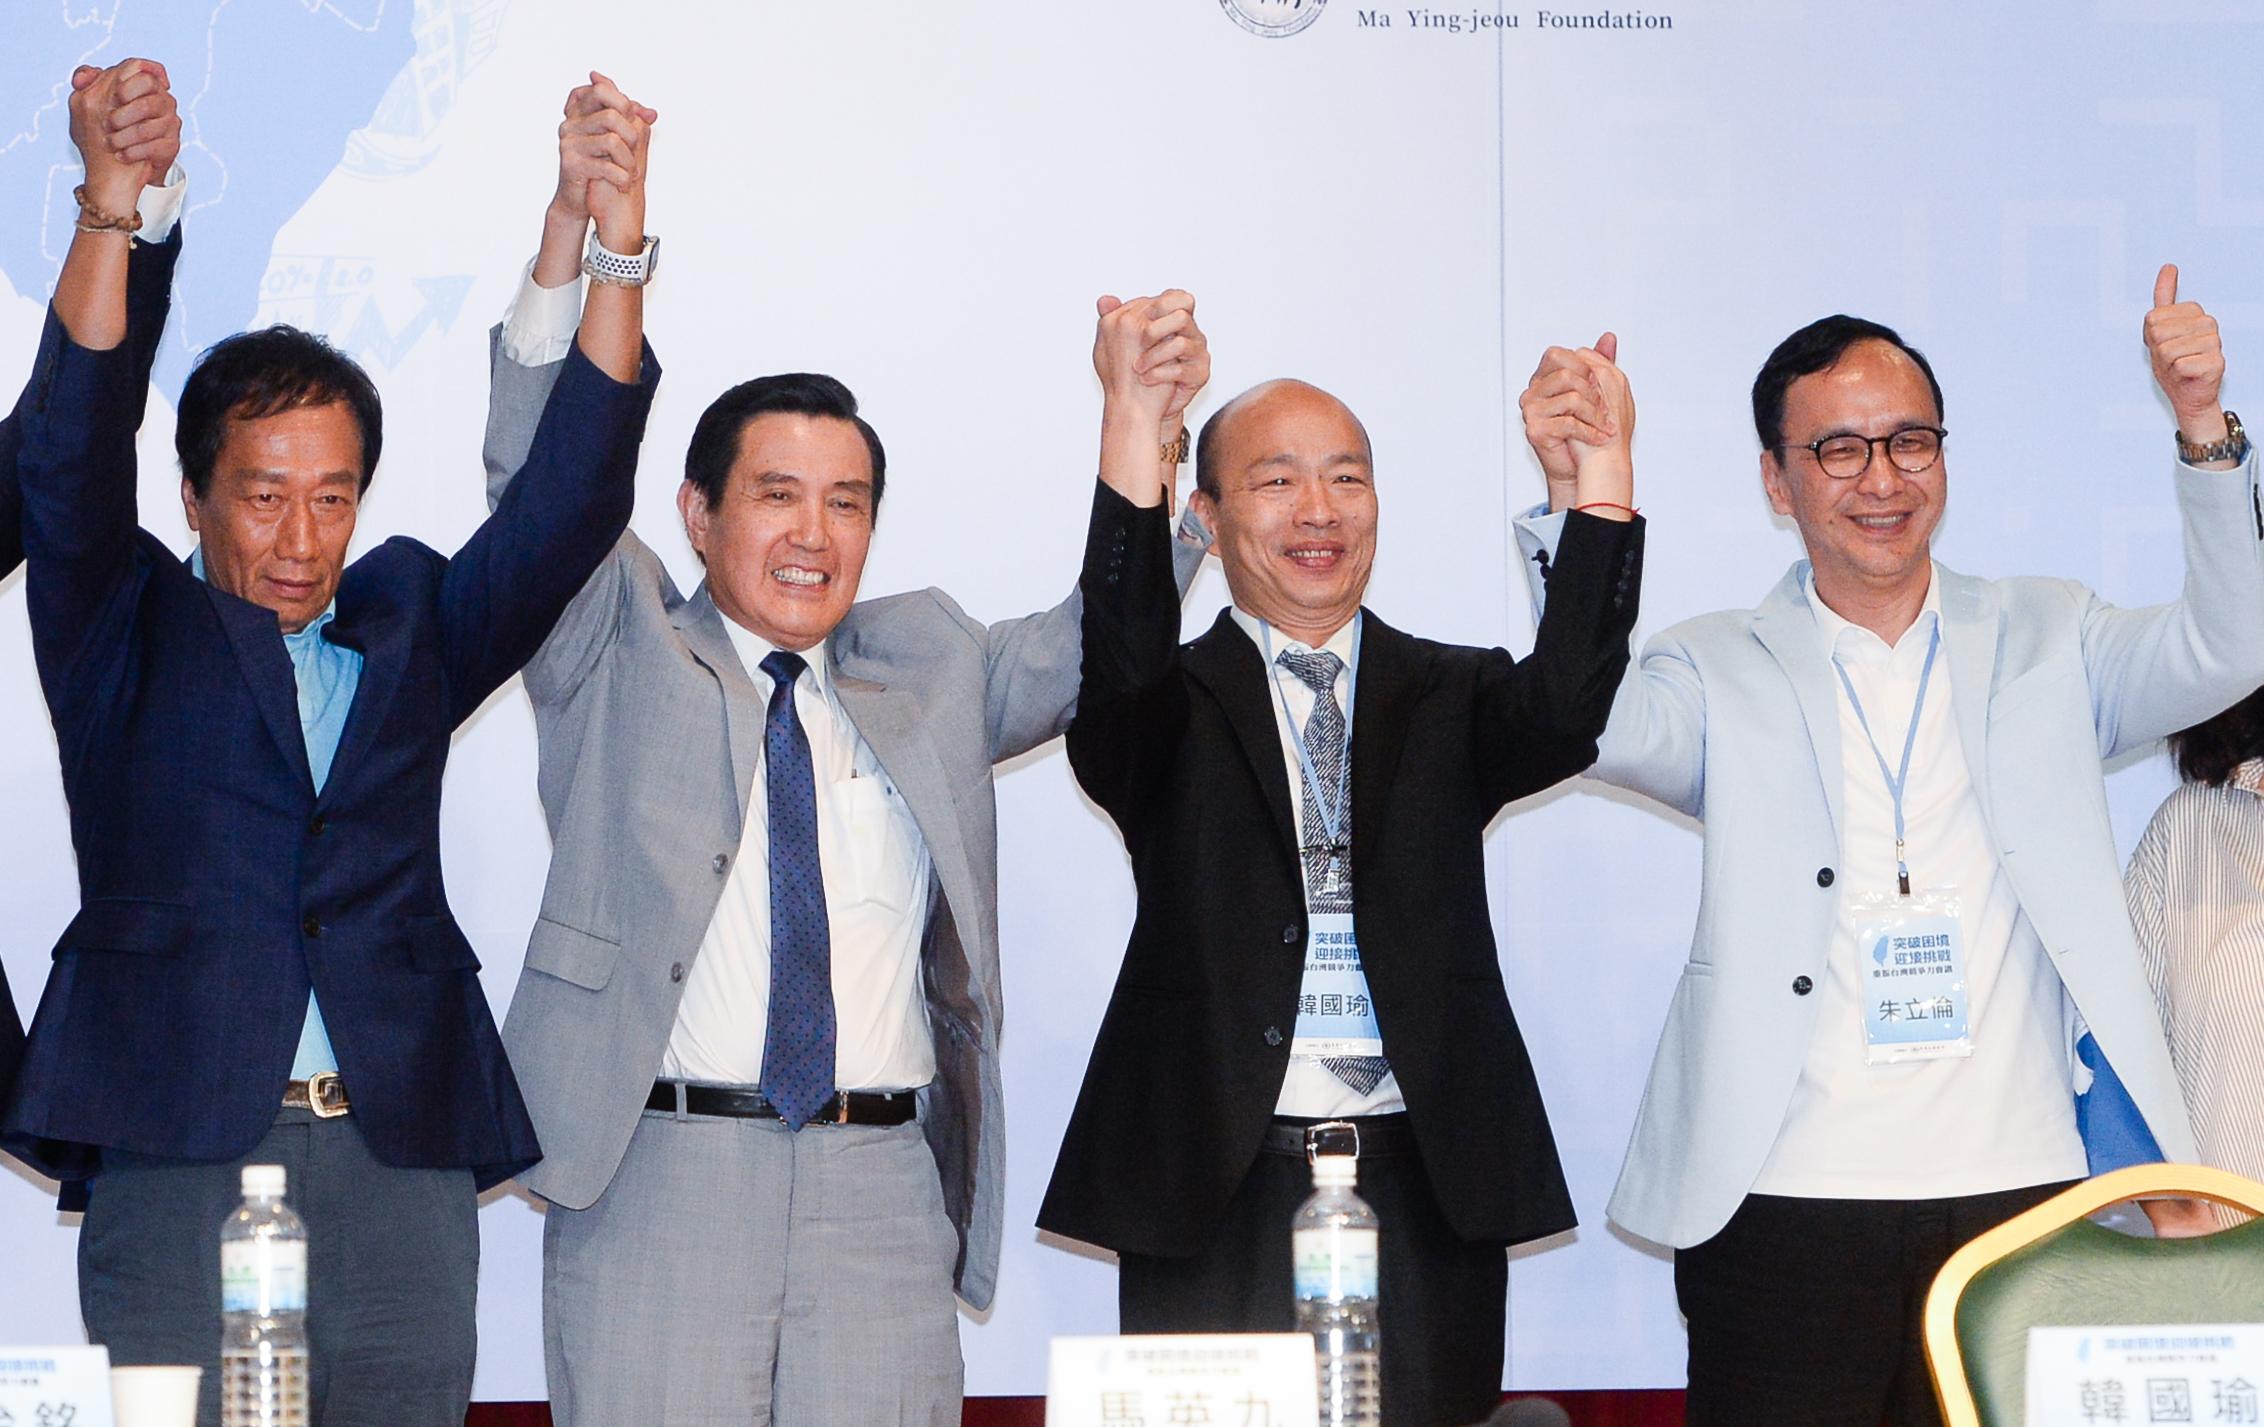 「馬英九,韓國瑜,郭台銘」的圖片搜尋結果